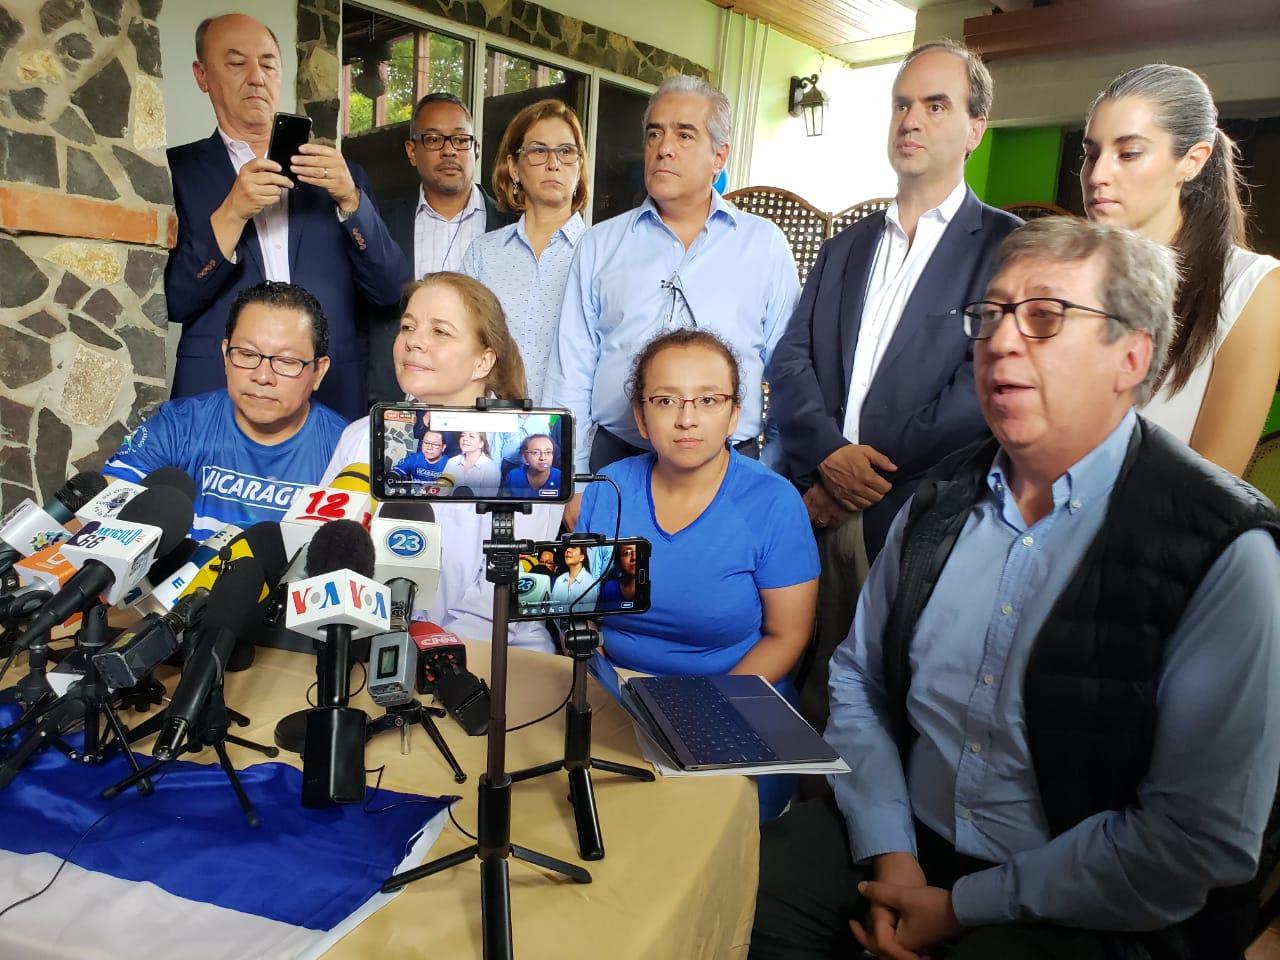 SIP se reune con periodistas Miguel Mora y Lucía Pineda Ubau, liberados bajo la Ley de Amnistía, impuesta por el dictador Daniel Ortega. Foto: Geovanny Shifman/Artículo66